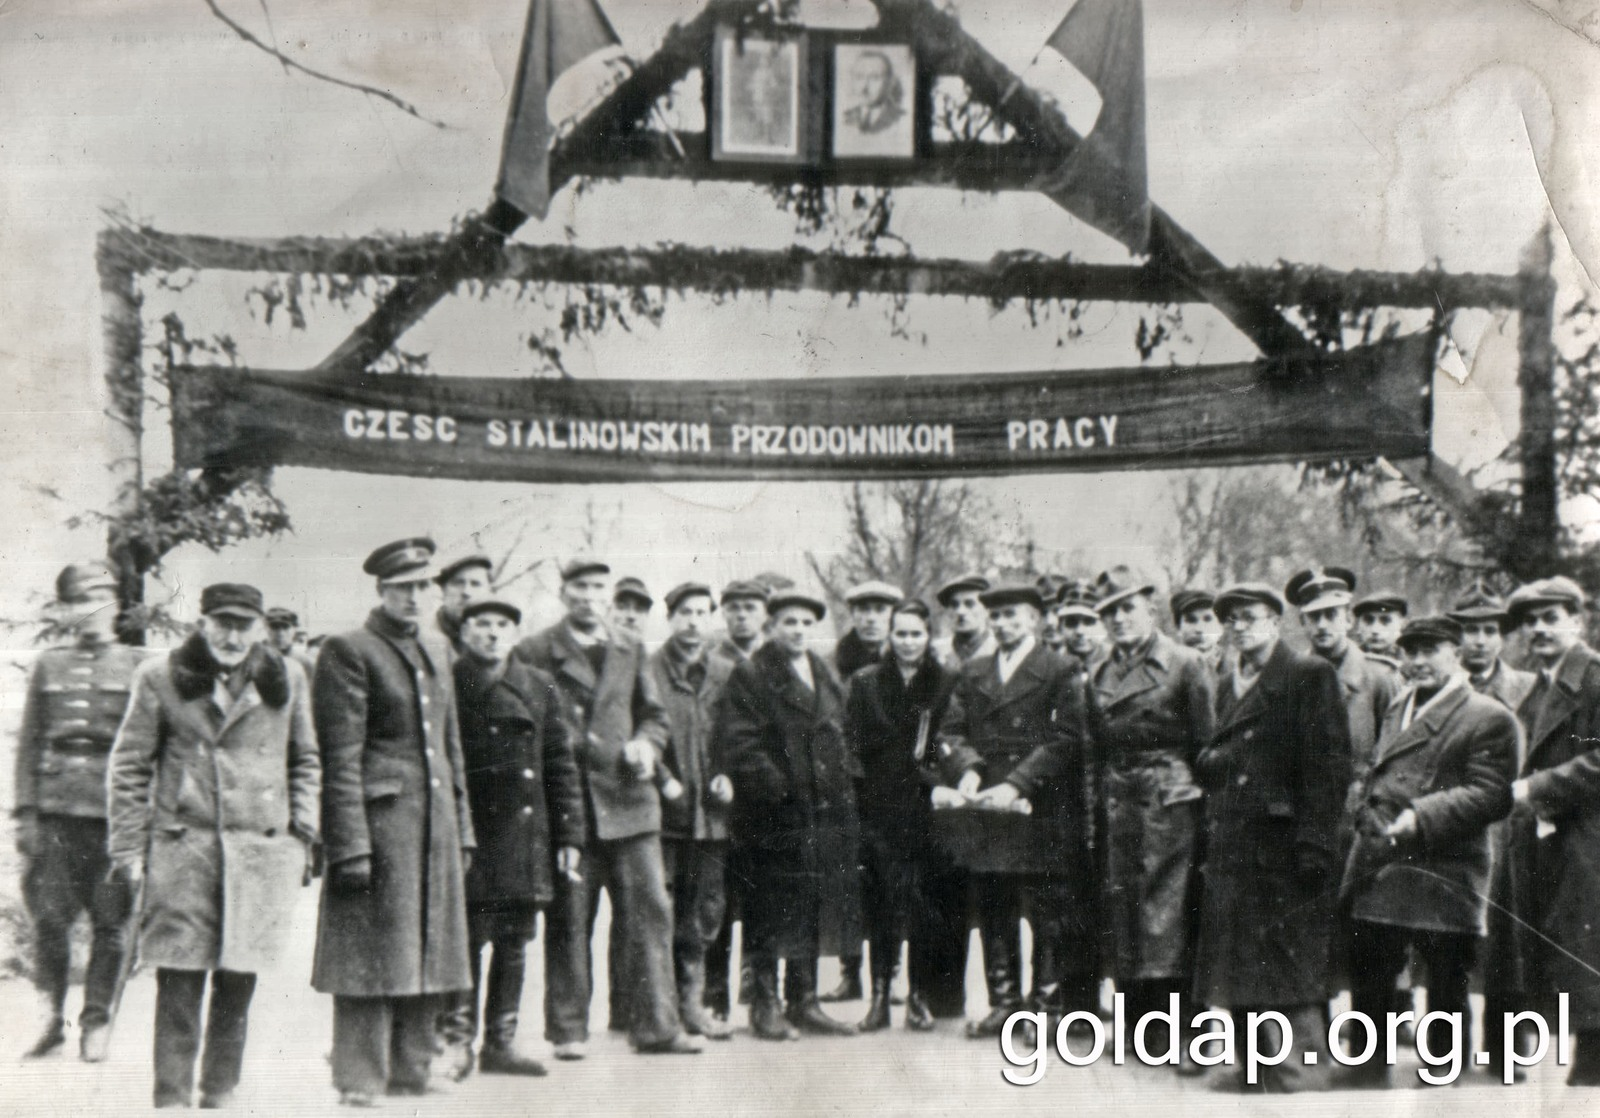 Gołdap do 1953